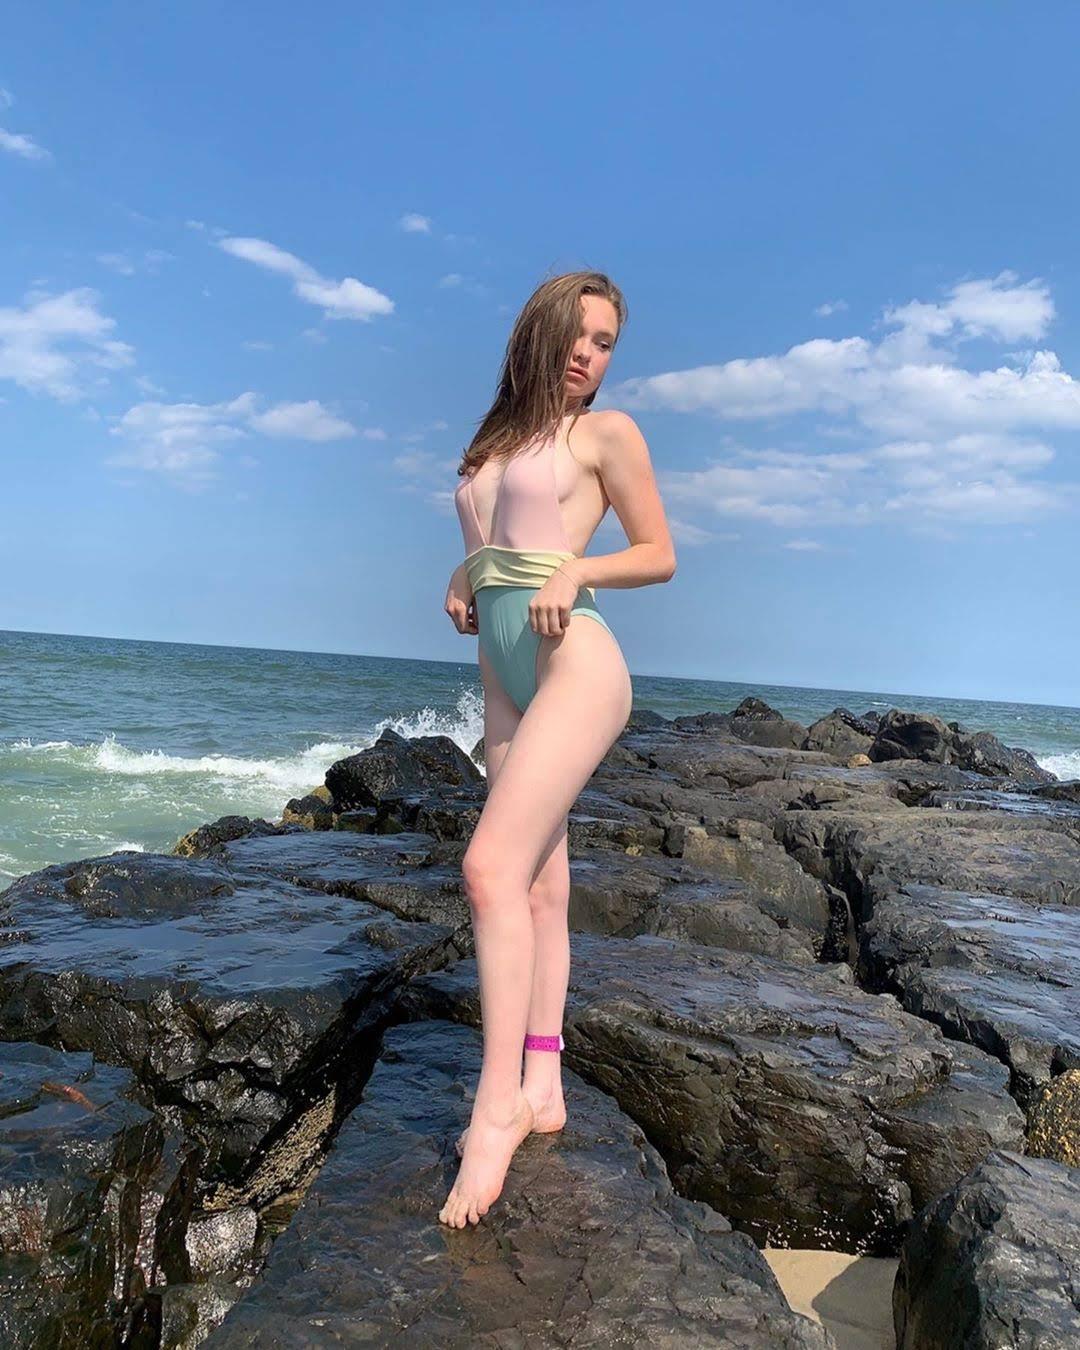 Zoe-Colletti-Instagram-July-2019-003.jpg